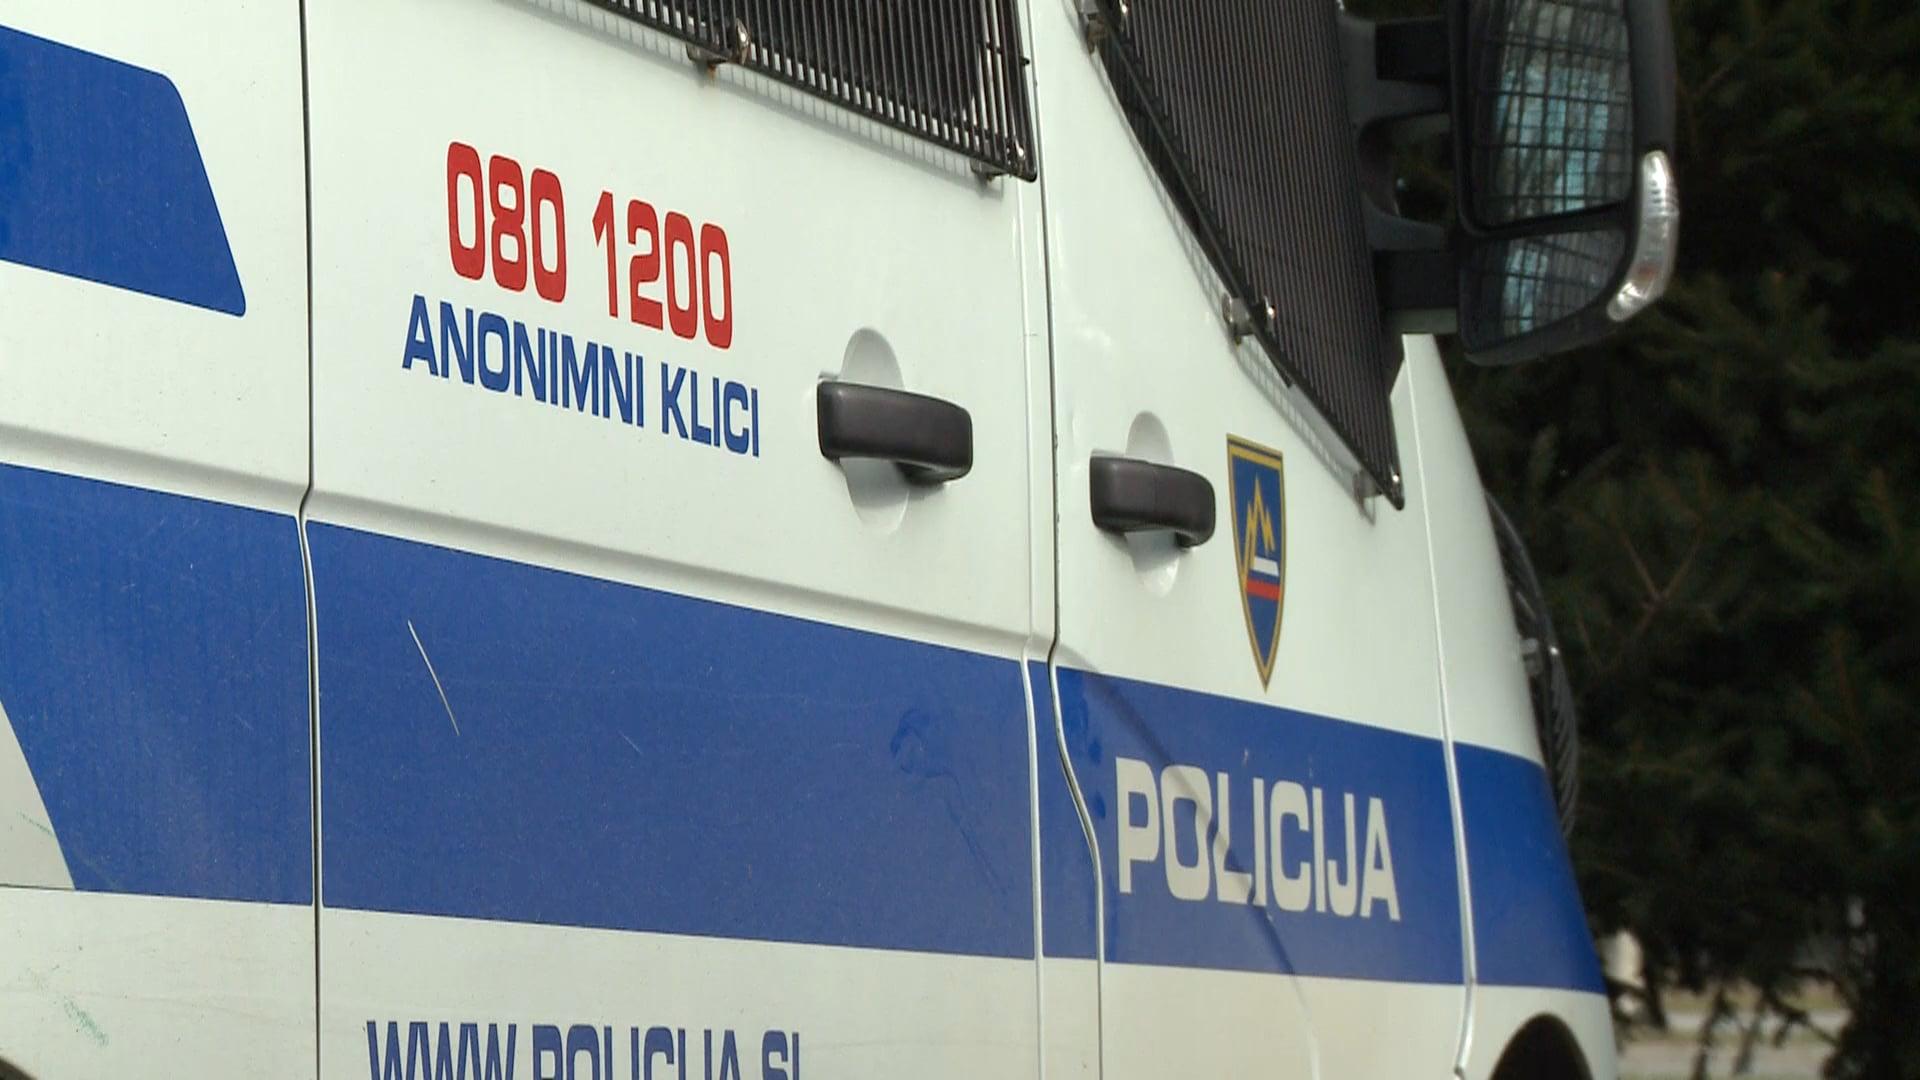 Policija pričenja dvotedenski nadzor